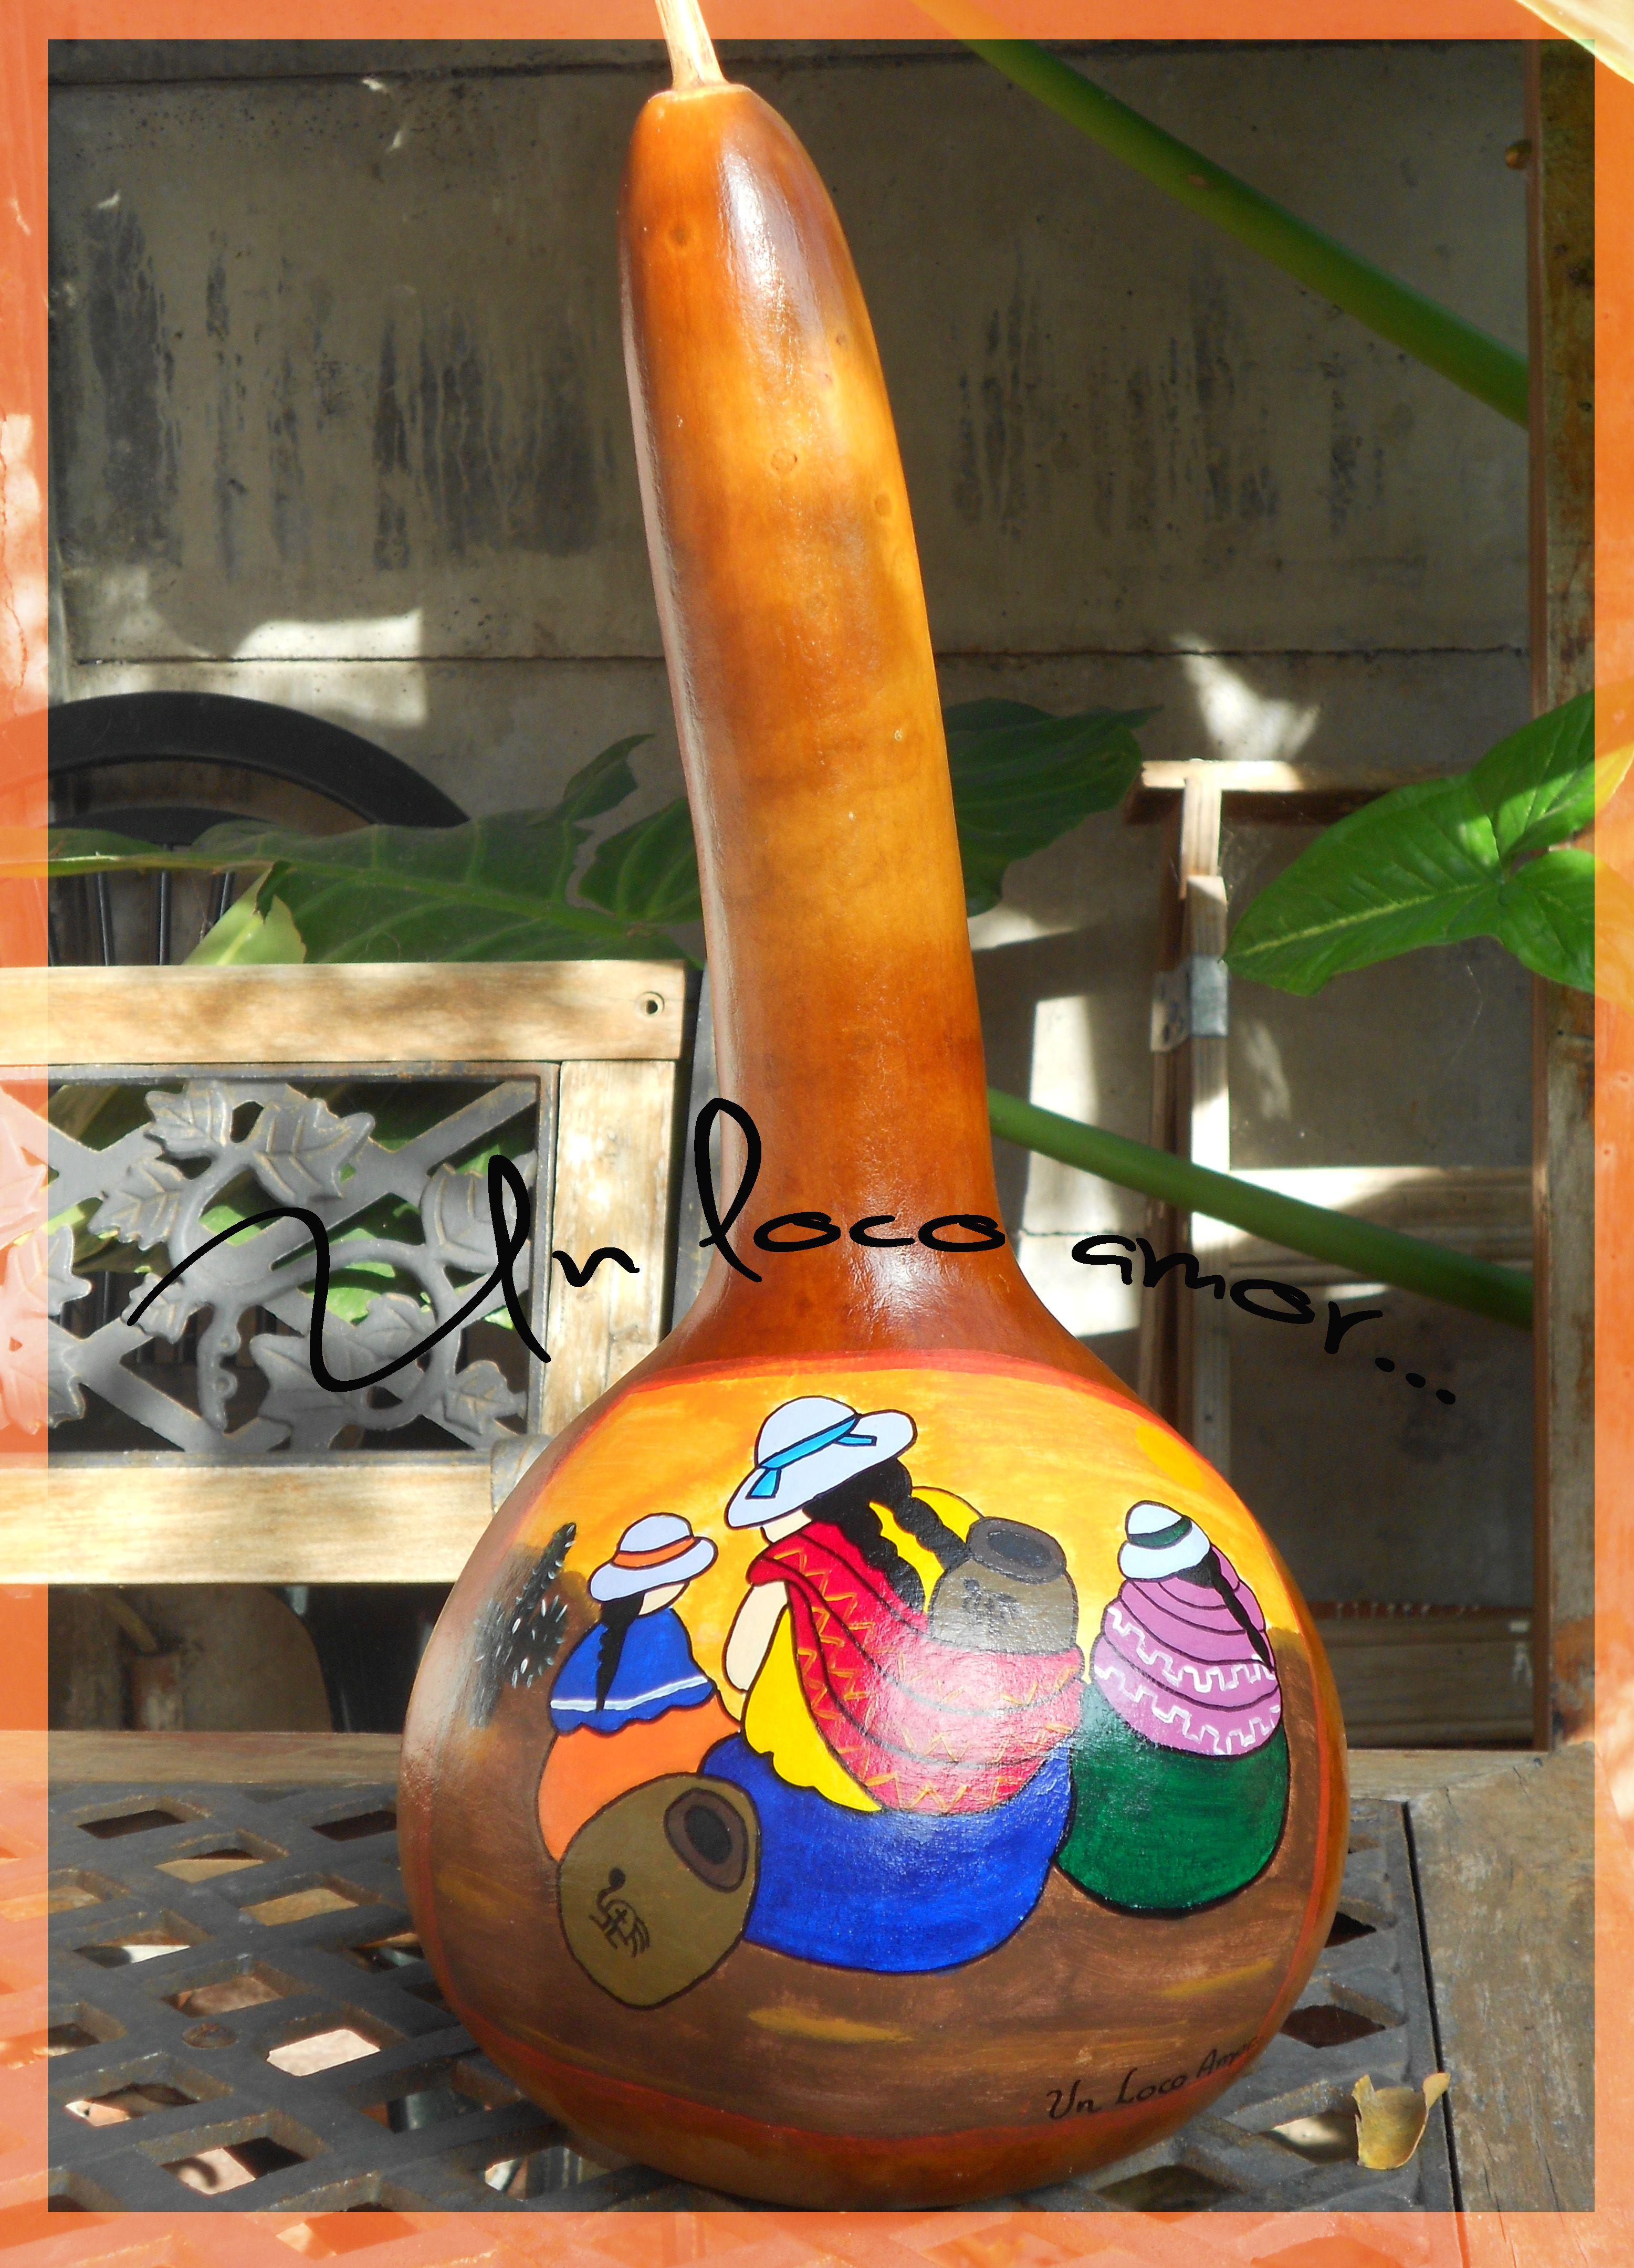 Calabazas pintadas arte pinterest calabazas - Calabazas pintadas y decoradas ...